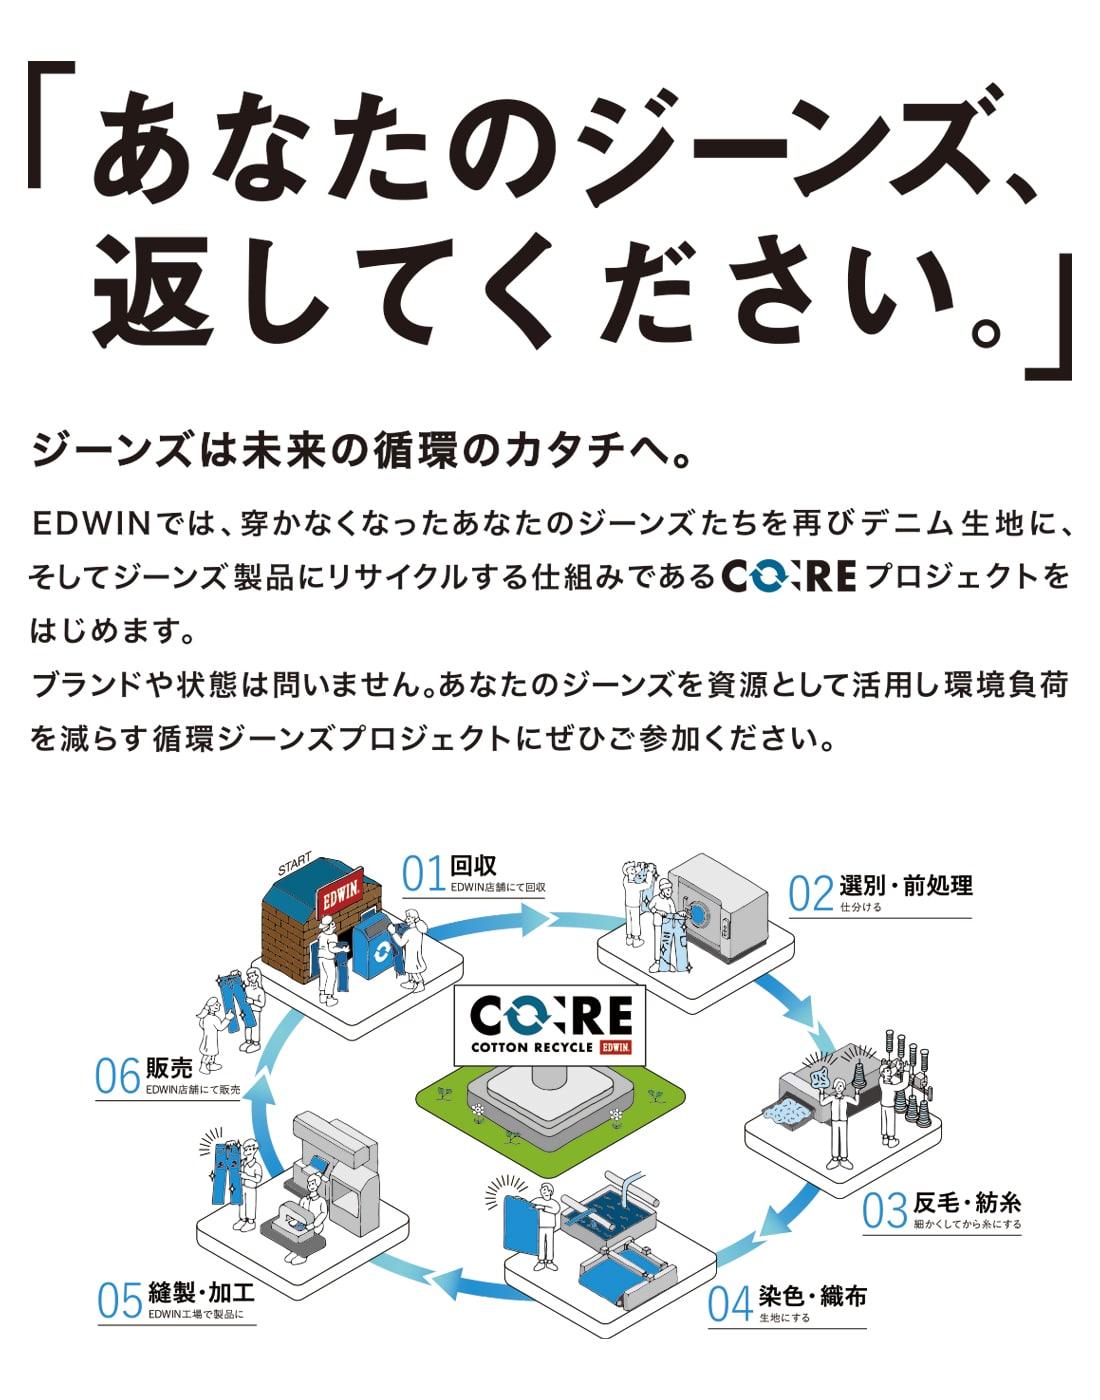 COREプロジェクト